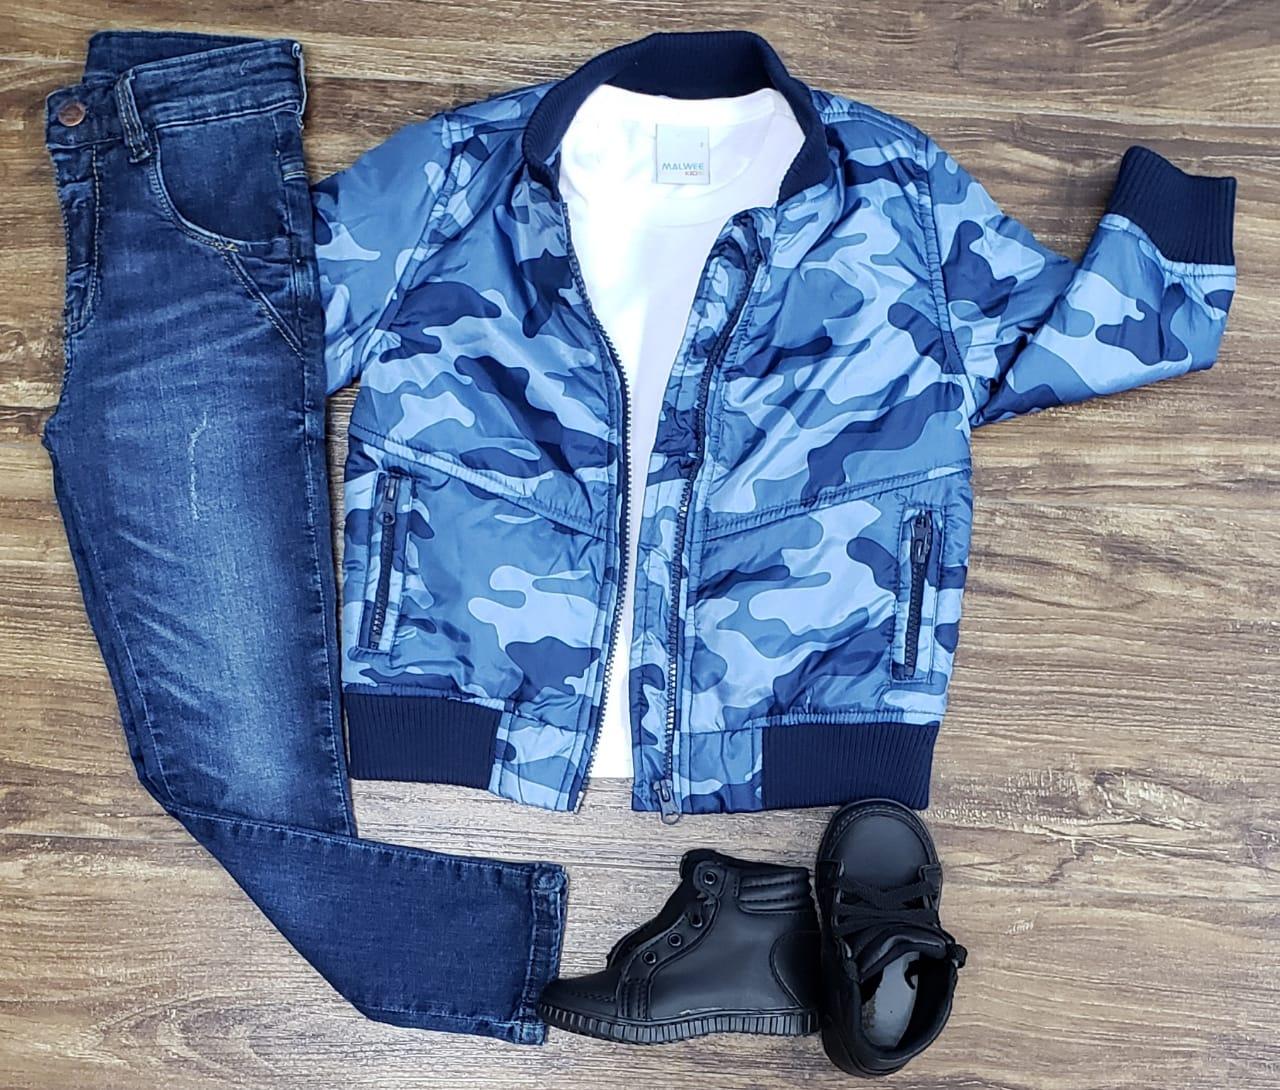 Calça Jeans com Camiseta e Jaqueta Camuflada